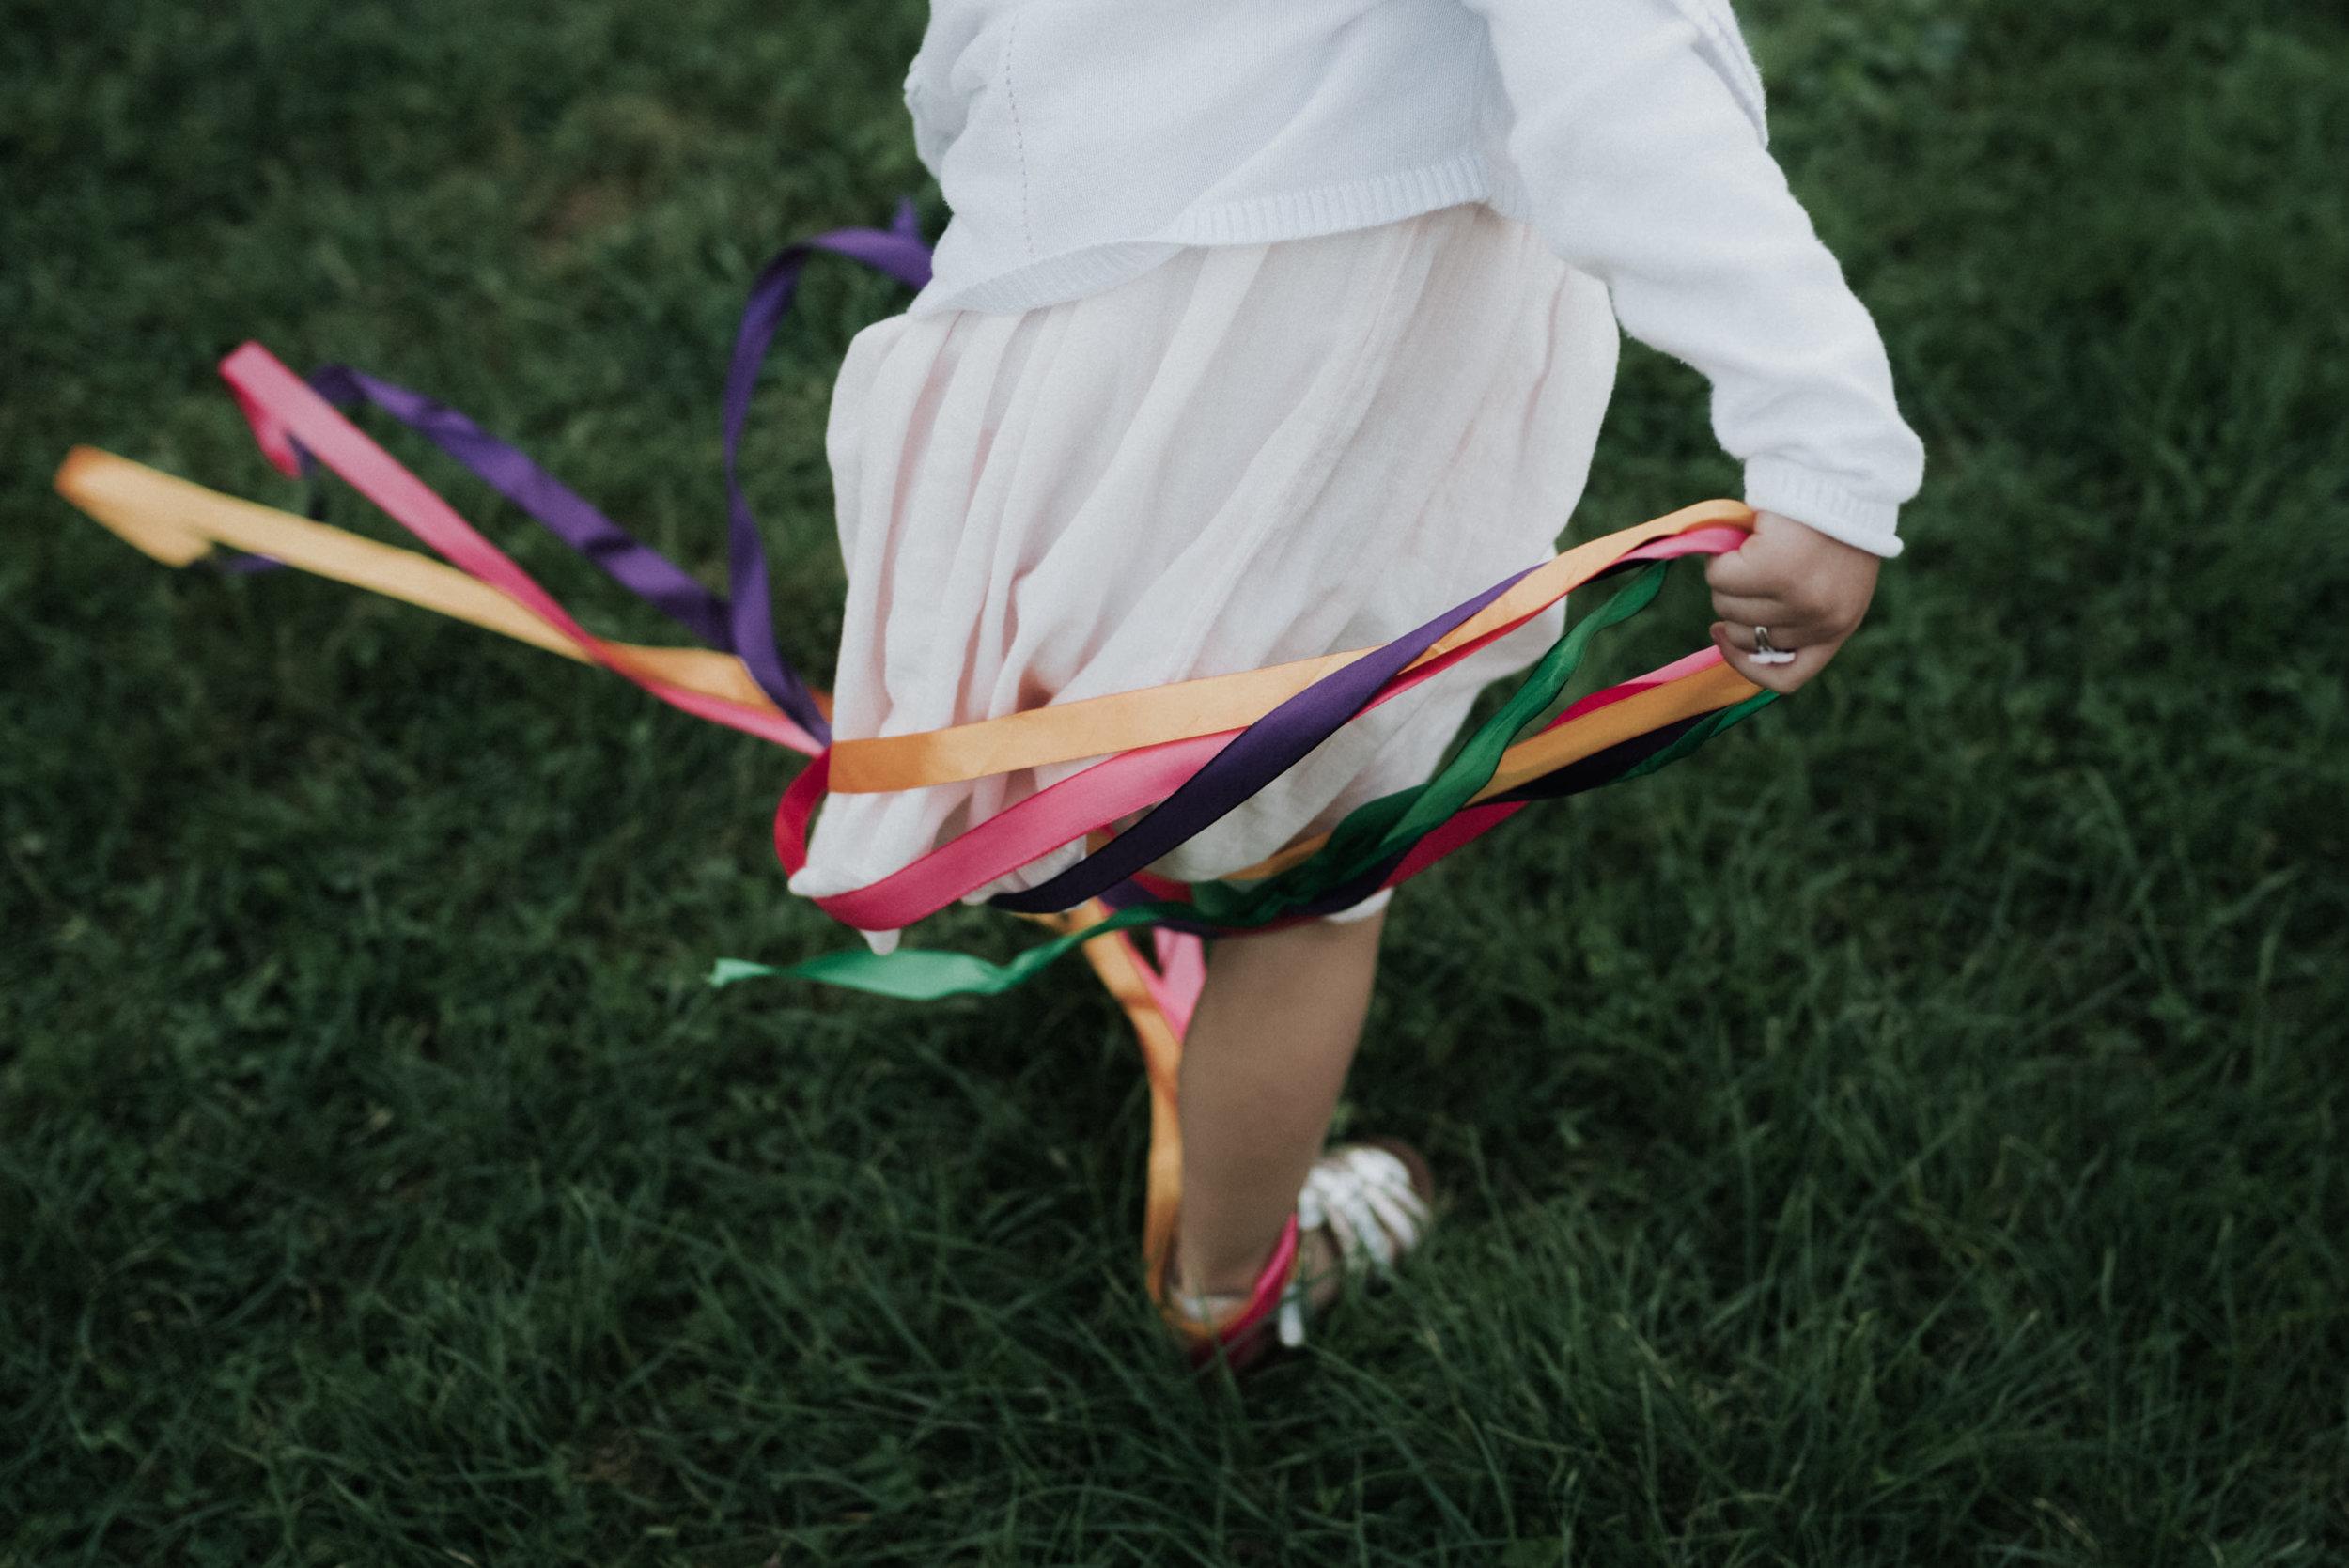 Léa-Fery-photographe-professionnel-lyon-rhone-alpes-portrait-creation-mariage-evenement-evenementiel-famille--97.jpg